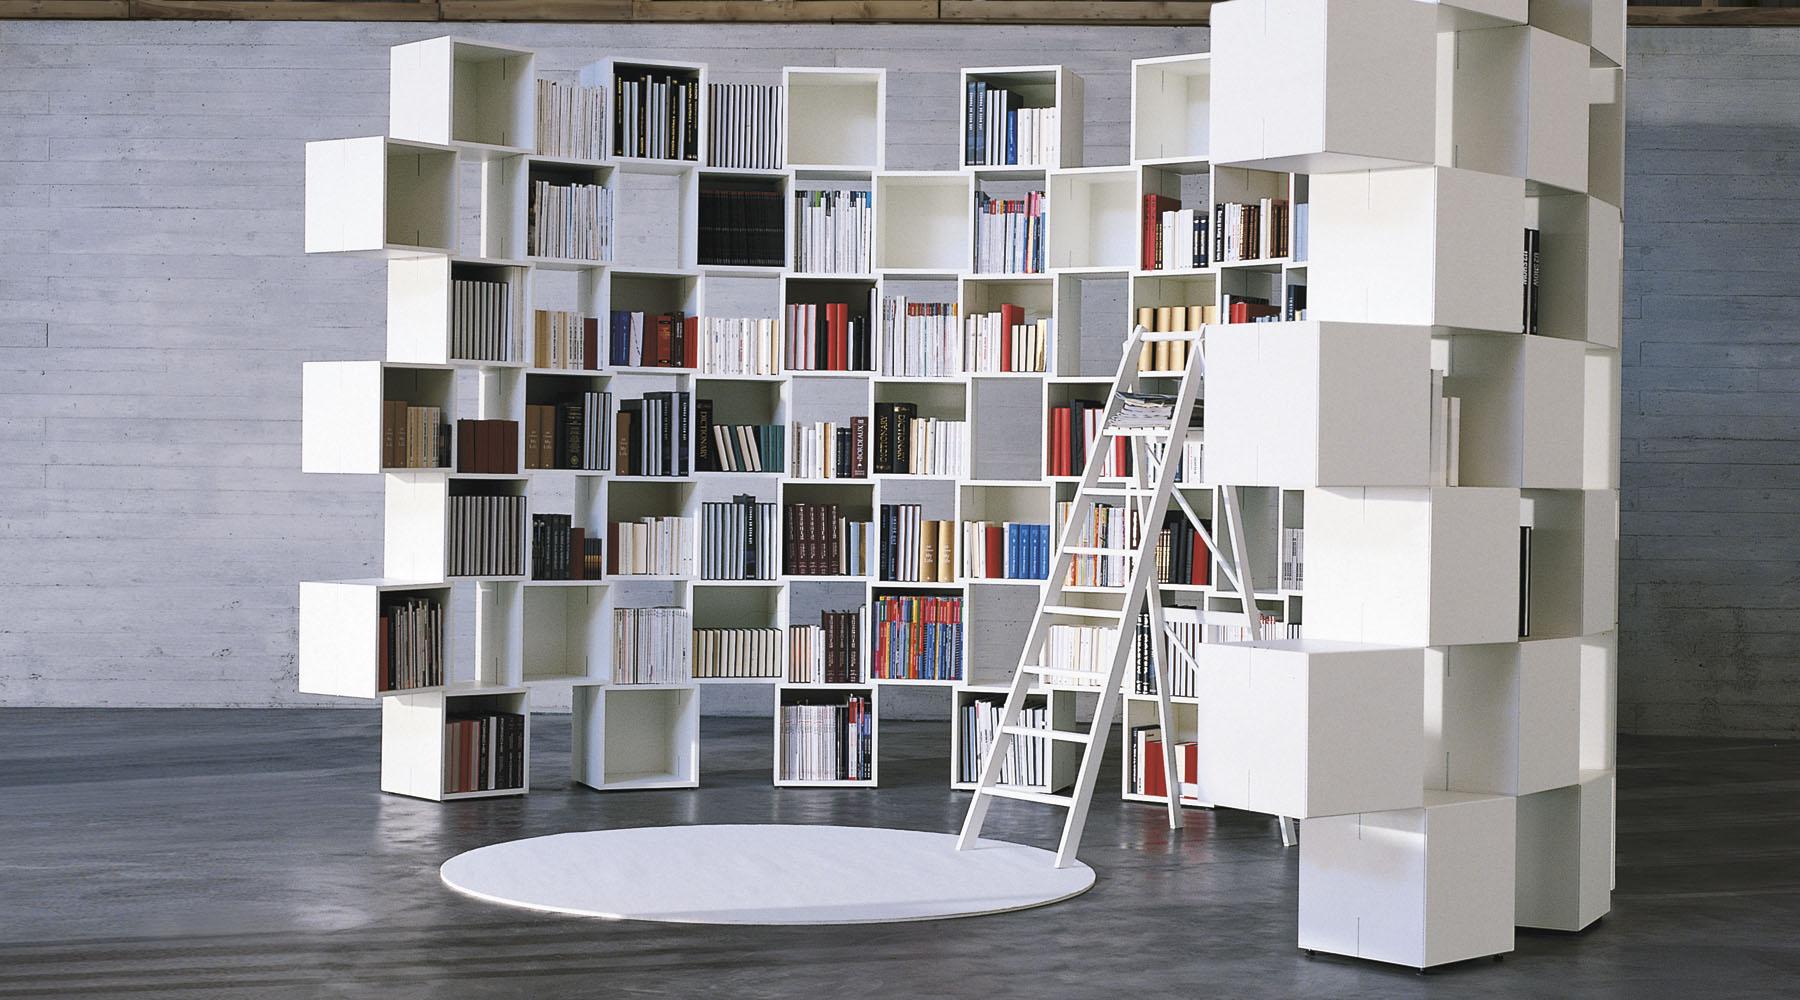 Libreria Bianca Arredamento.Delfanti Arredamenti Sistema Net